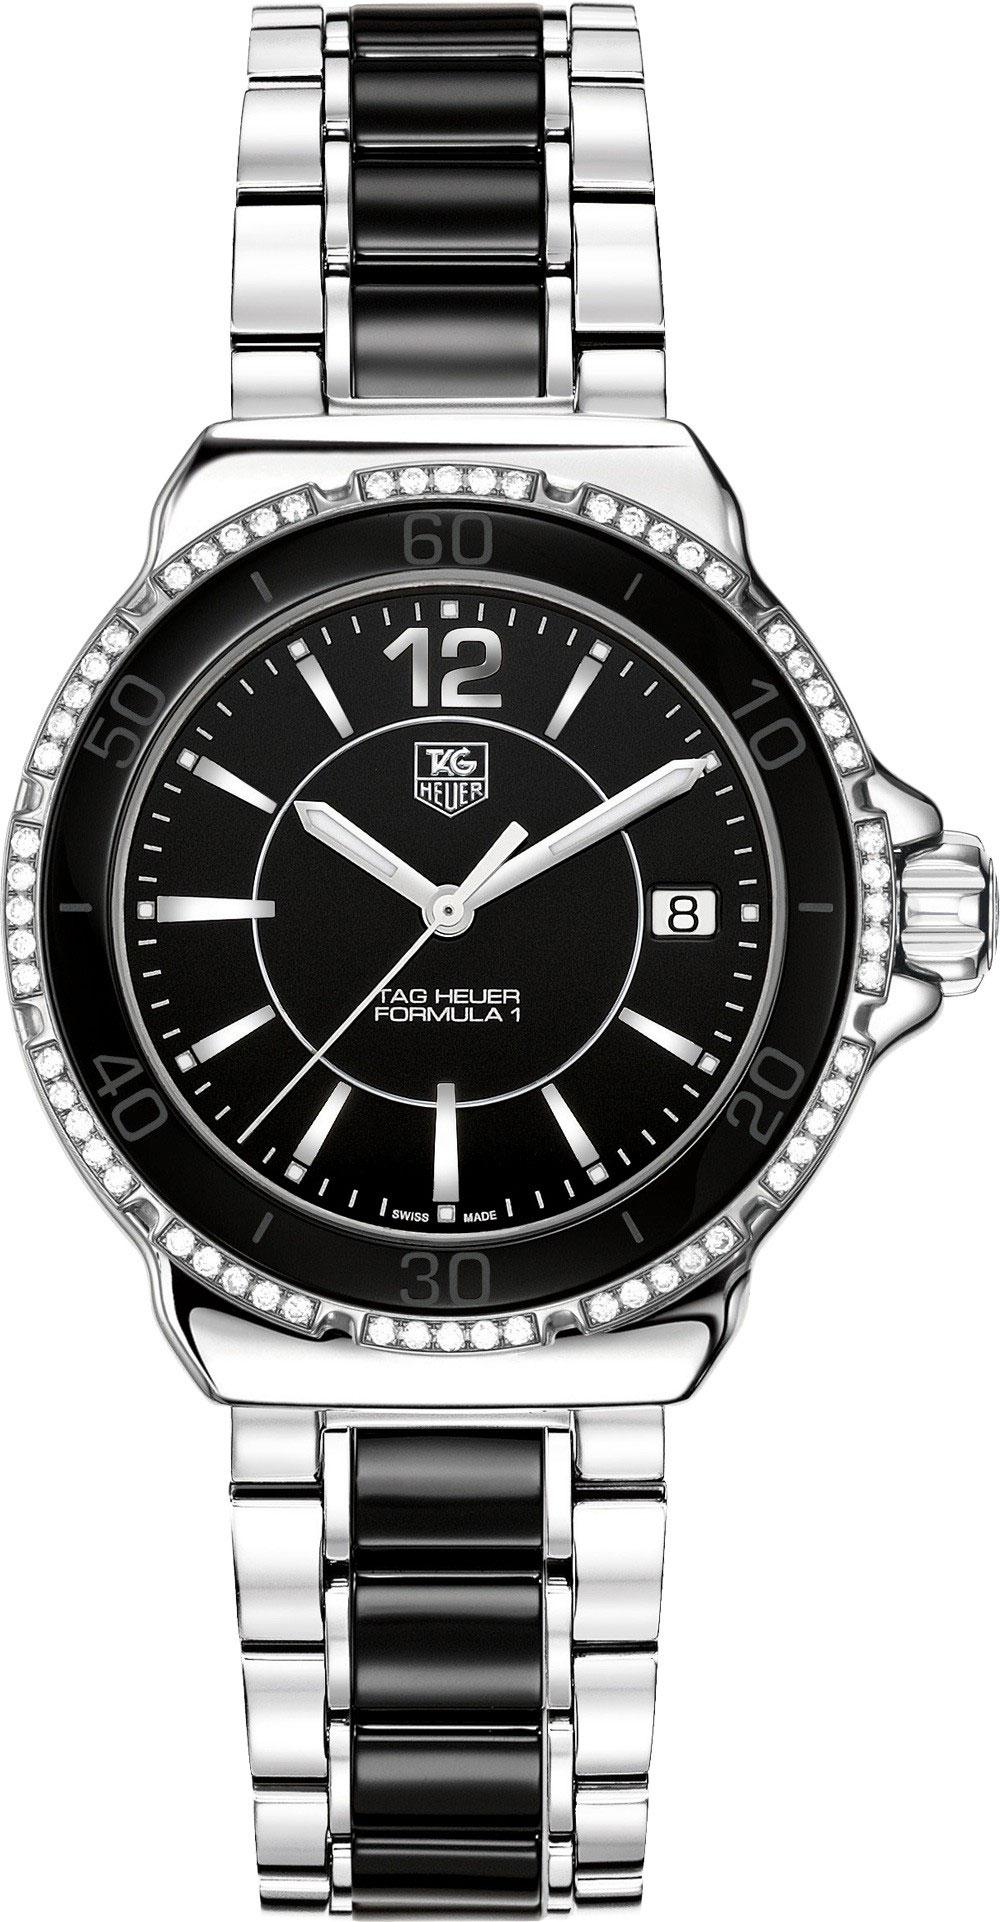 Tag Heuer Formula 1 Ladies Watch Model: WAH1212.BA0859